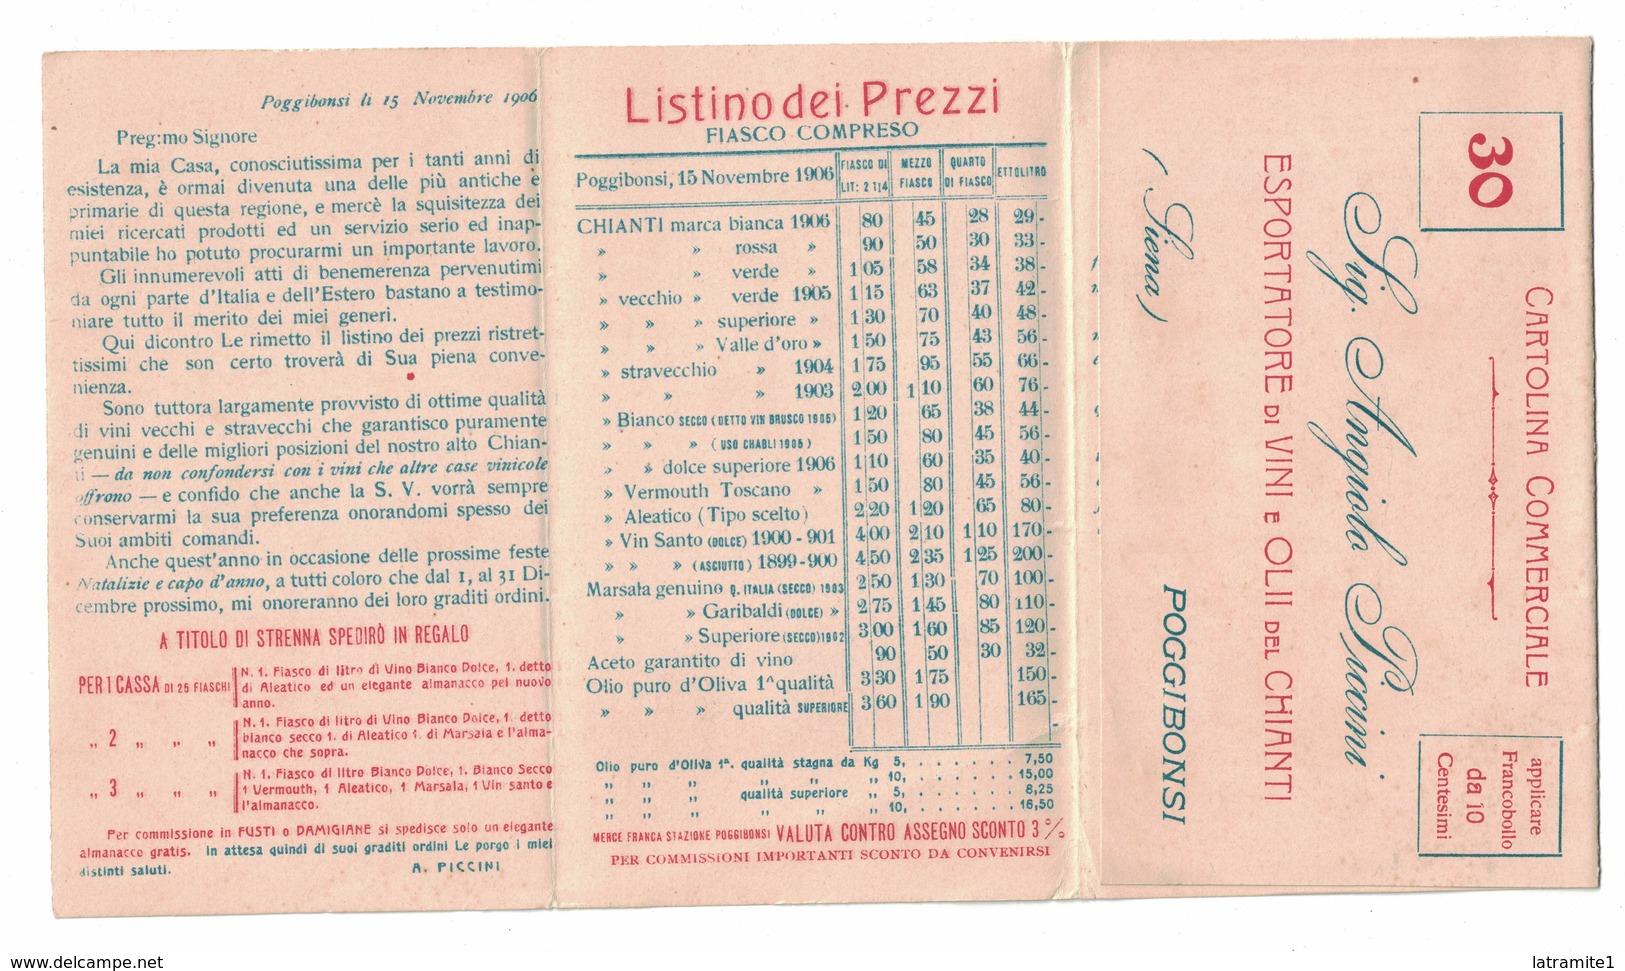 CARTOLINA CARTE POSTALE VINI ED OLII DEL CHIANTI ESPORTATORE ANGIOLO PICCINI POGGIBONSI - Pubblicitari